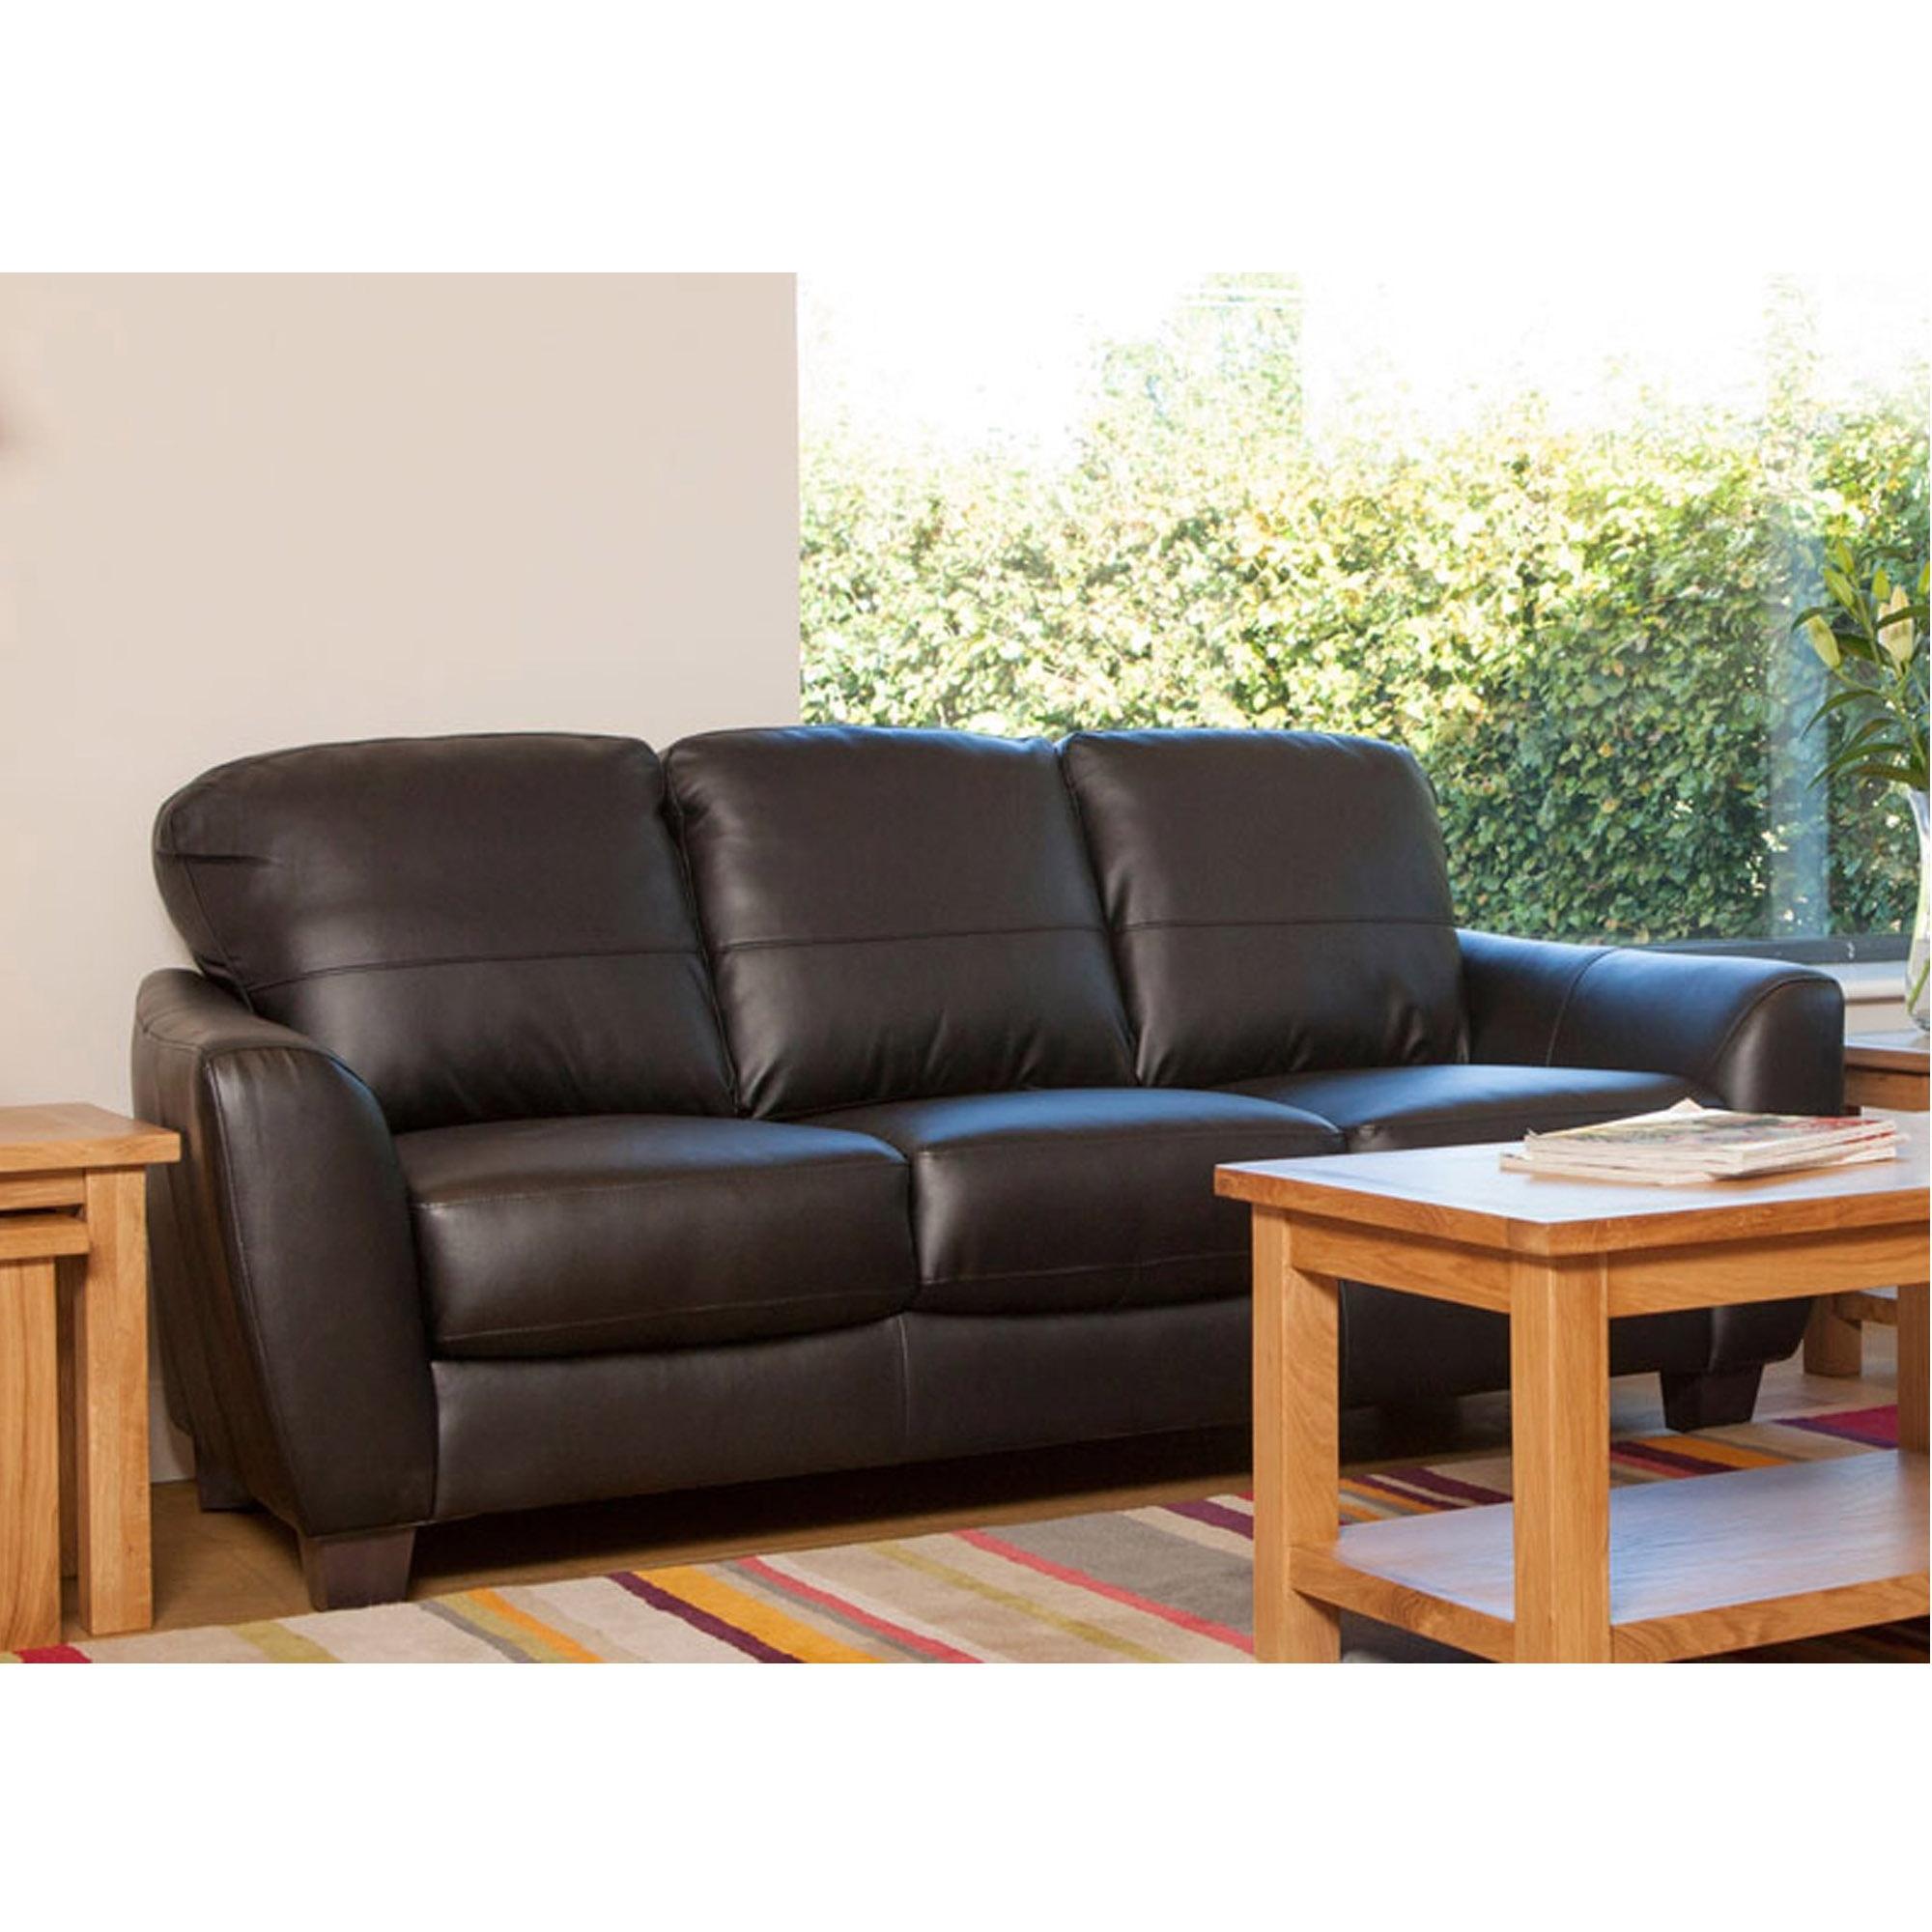 Astounding Oregon Black 3 Seater Sofa Ncnpc Chair Design For Home Ncnpcorg